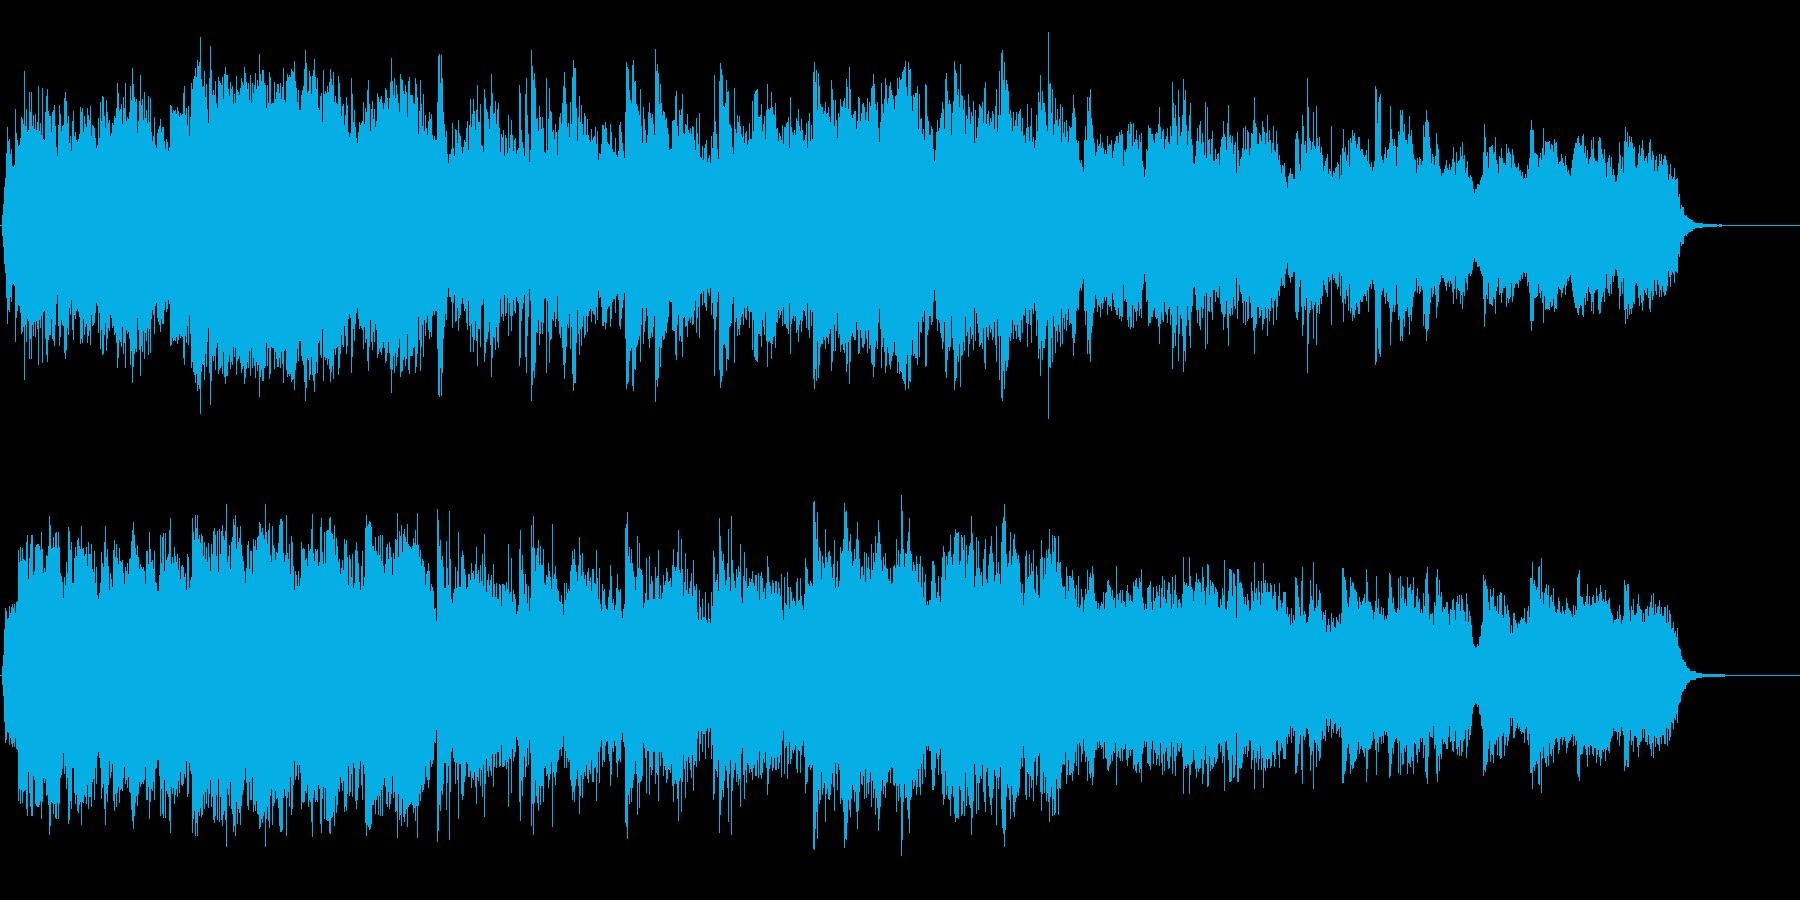 切なく盛り上げるハリウッド系オーケストラの再生済みの波形